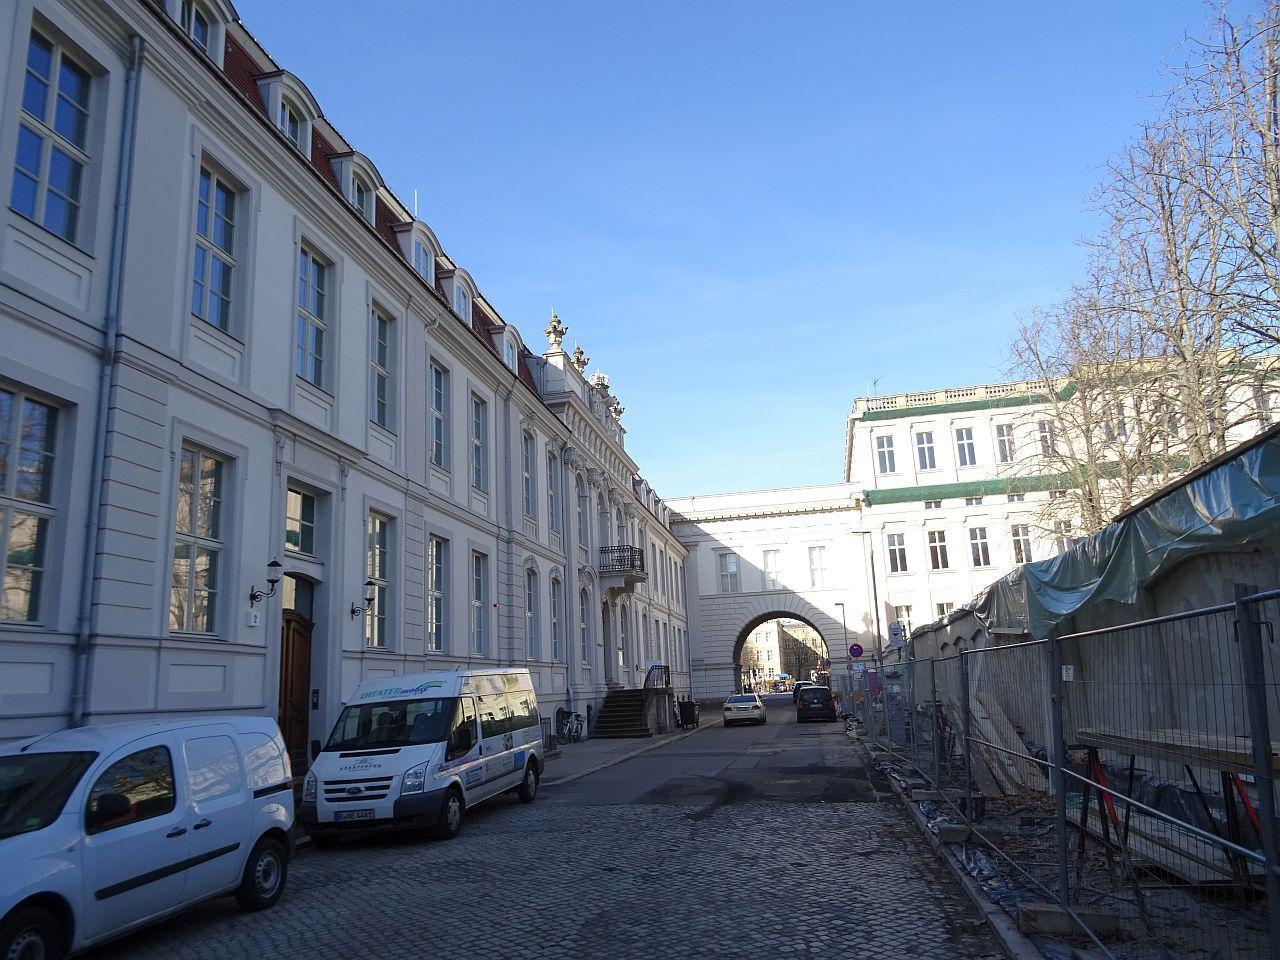 Unter den Linden Seite 34 Berlin Architectura Pro